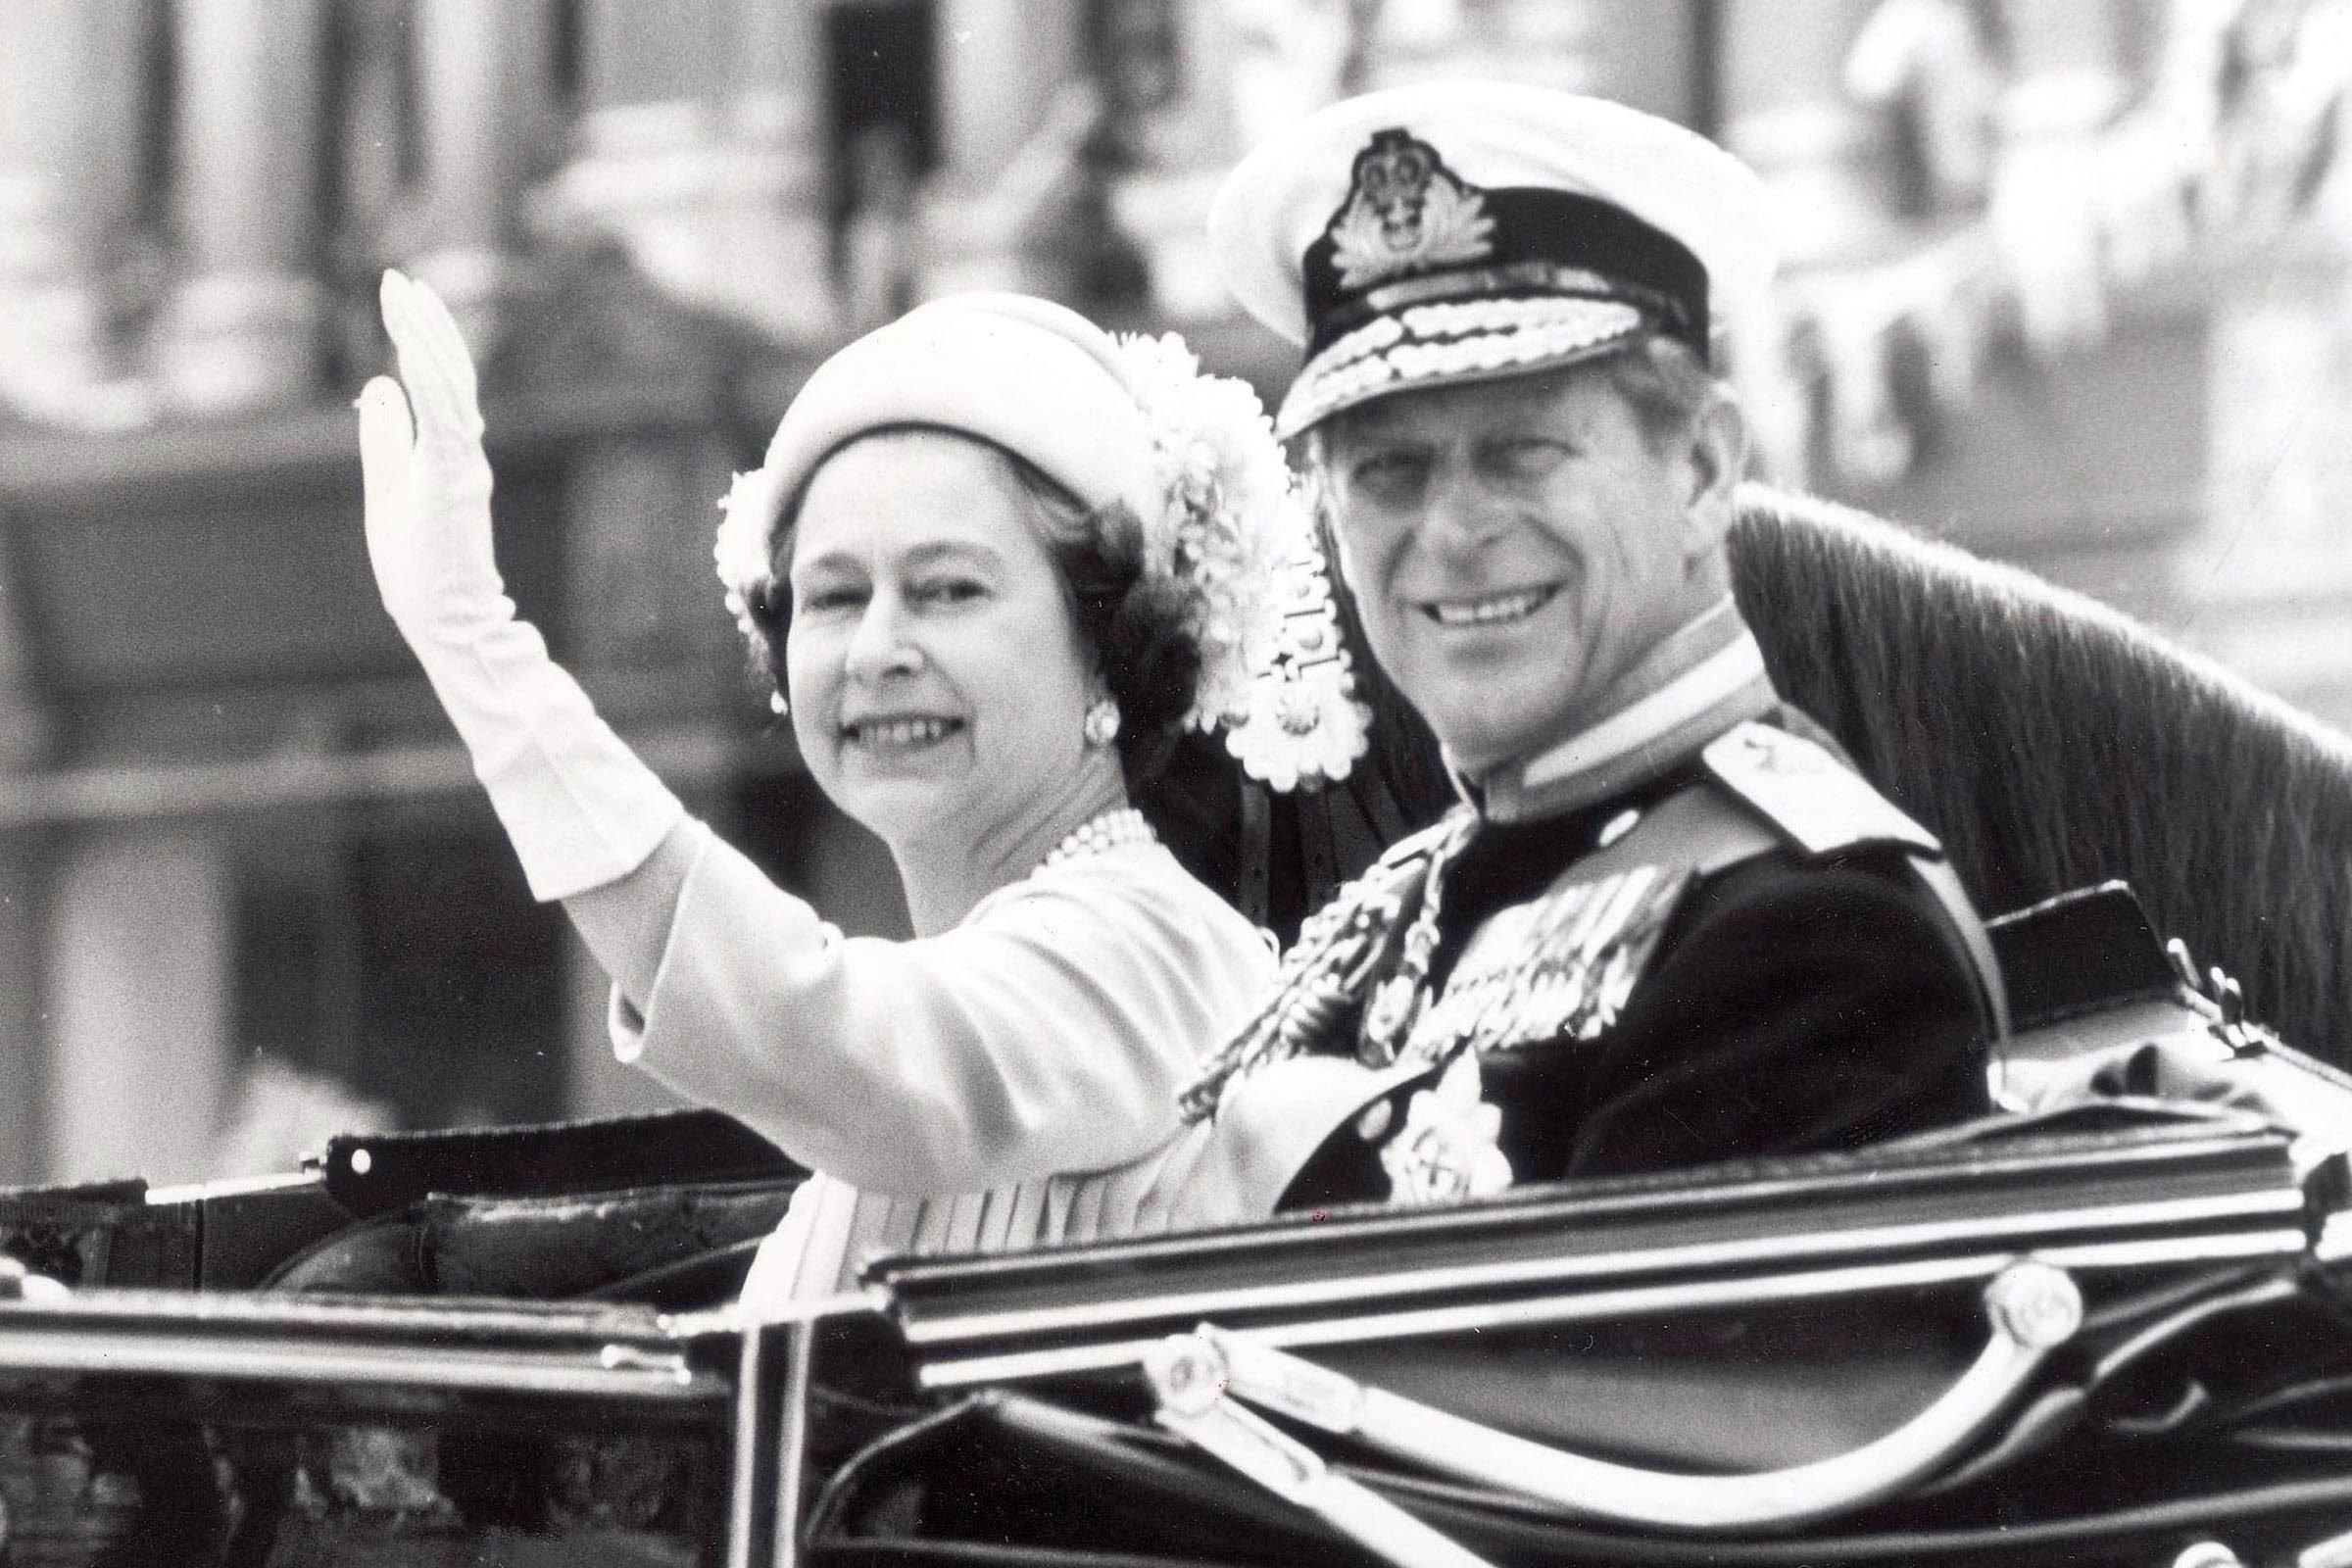 La reine Élisabeth II n'a jamais eu de rendez-vous amoureux.